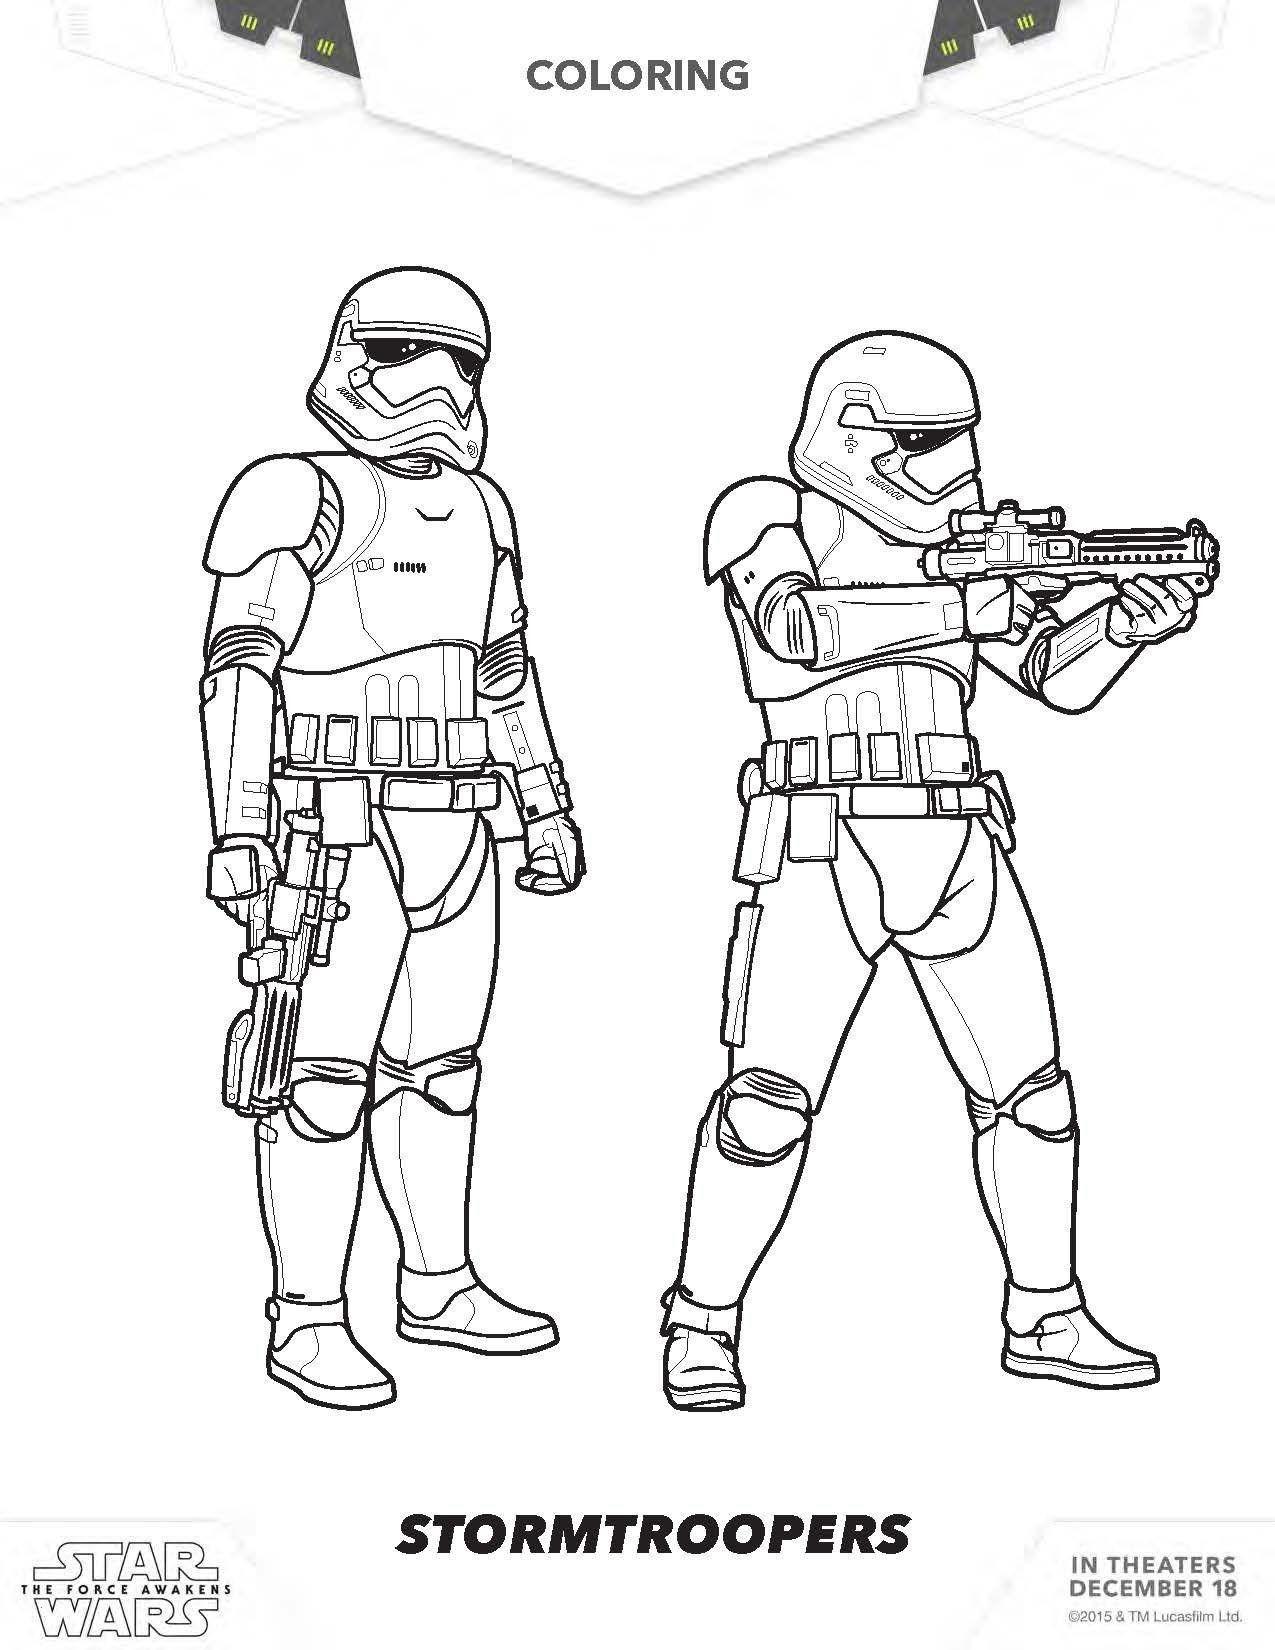 Lego Star Wars Ausmalbilder Frisch Lego Star Wars Figuren Ausmalbilder Best Lego Star Wars Coloring Bild